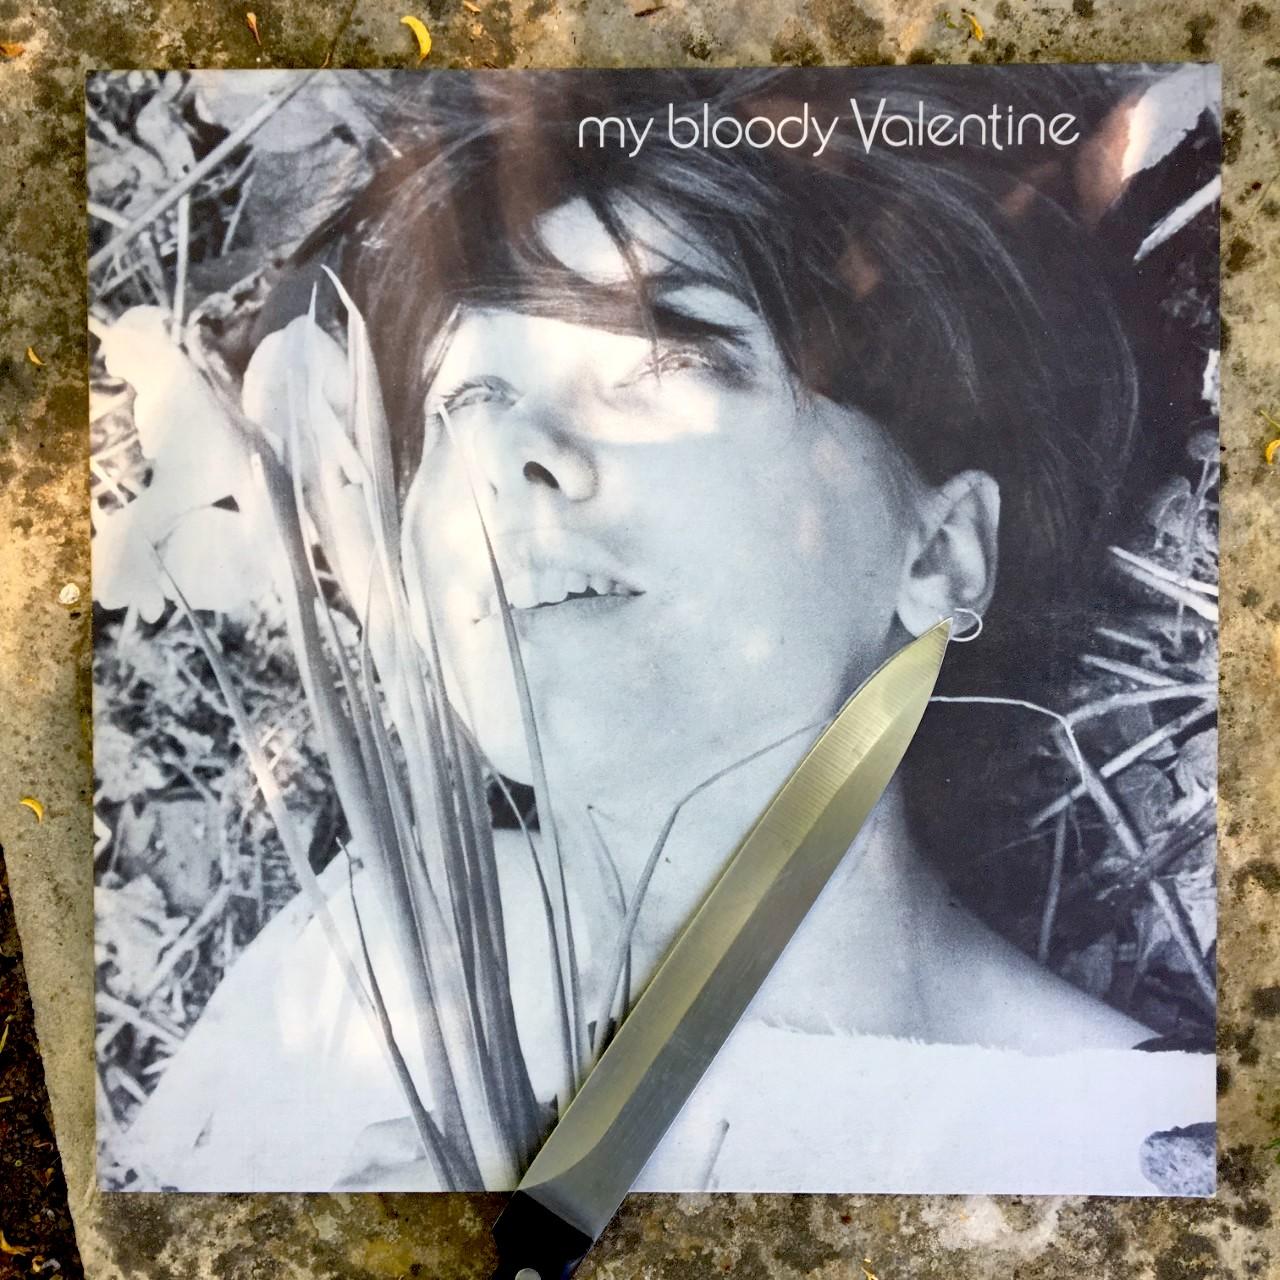 My Bloody Valentine, aussi belle qu'une lame.